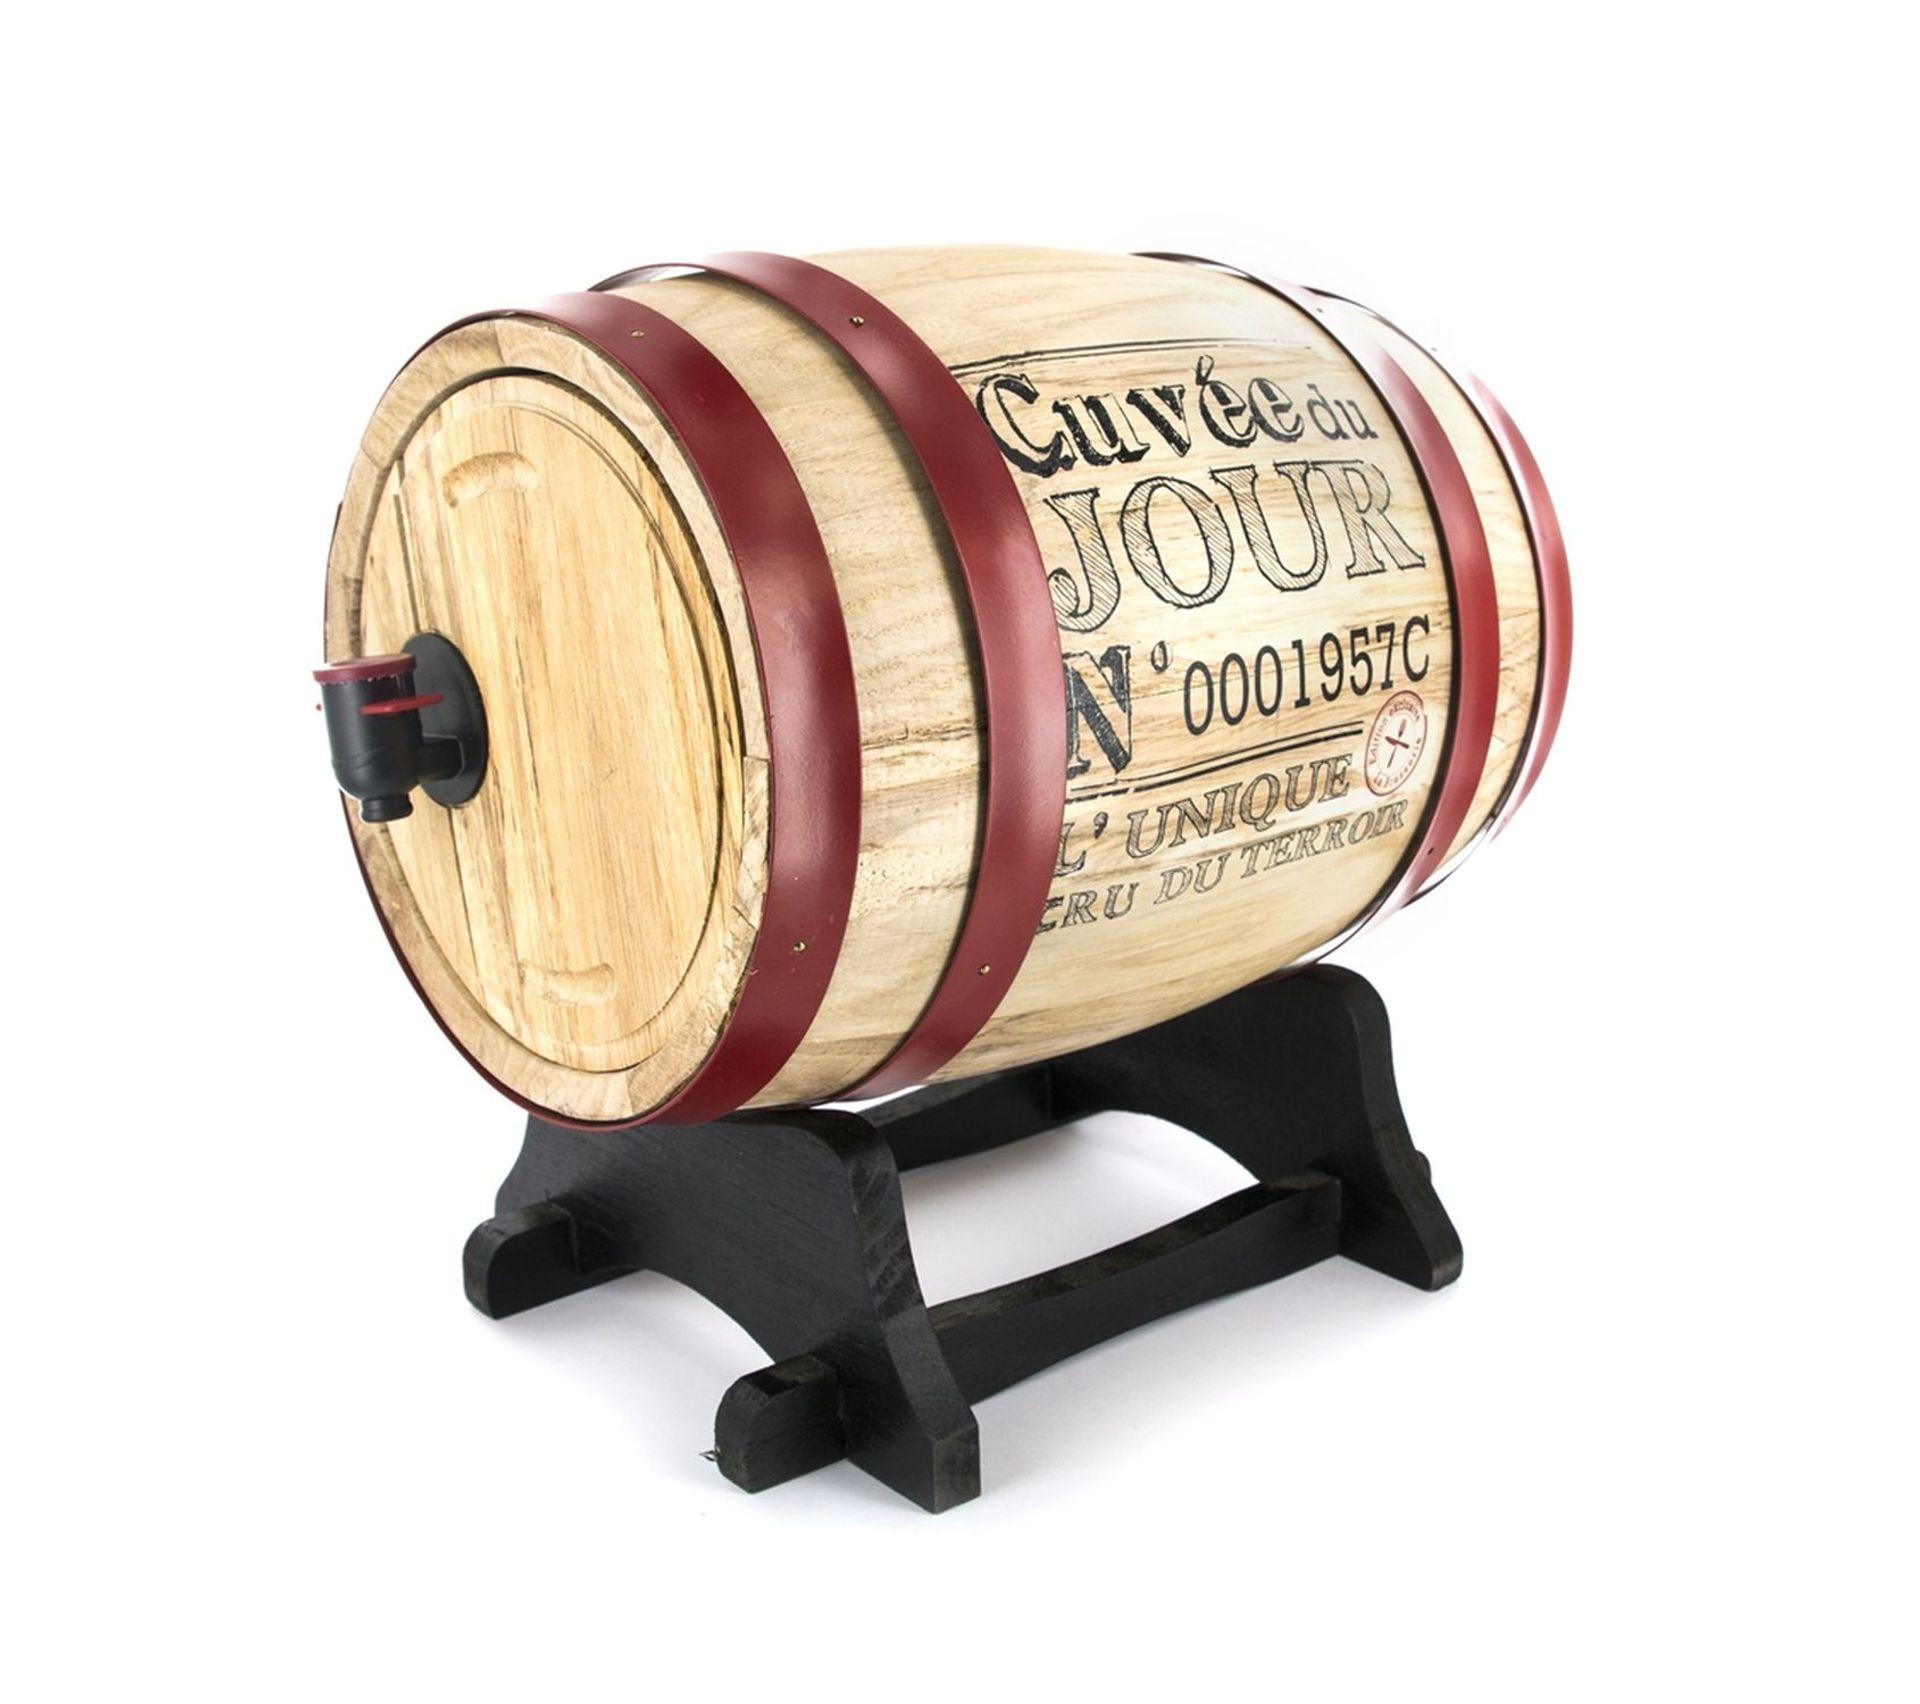 Meuble En Tonneau De Vin tonneau distributeur À vin bistrot - 3 l - rouge